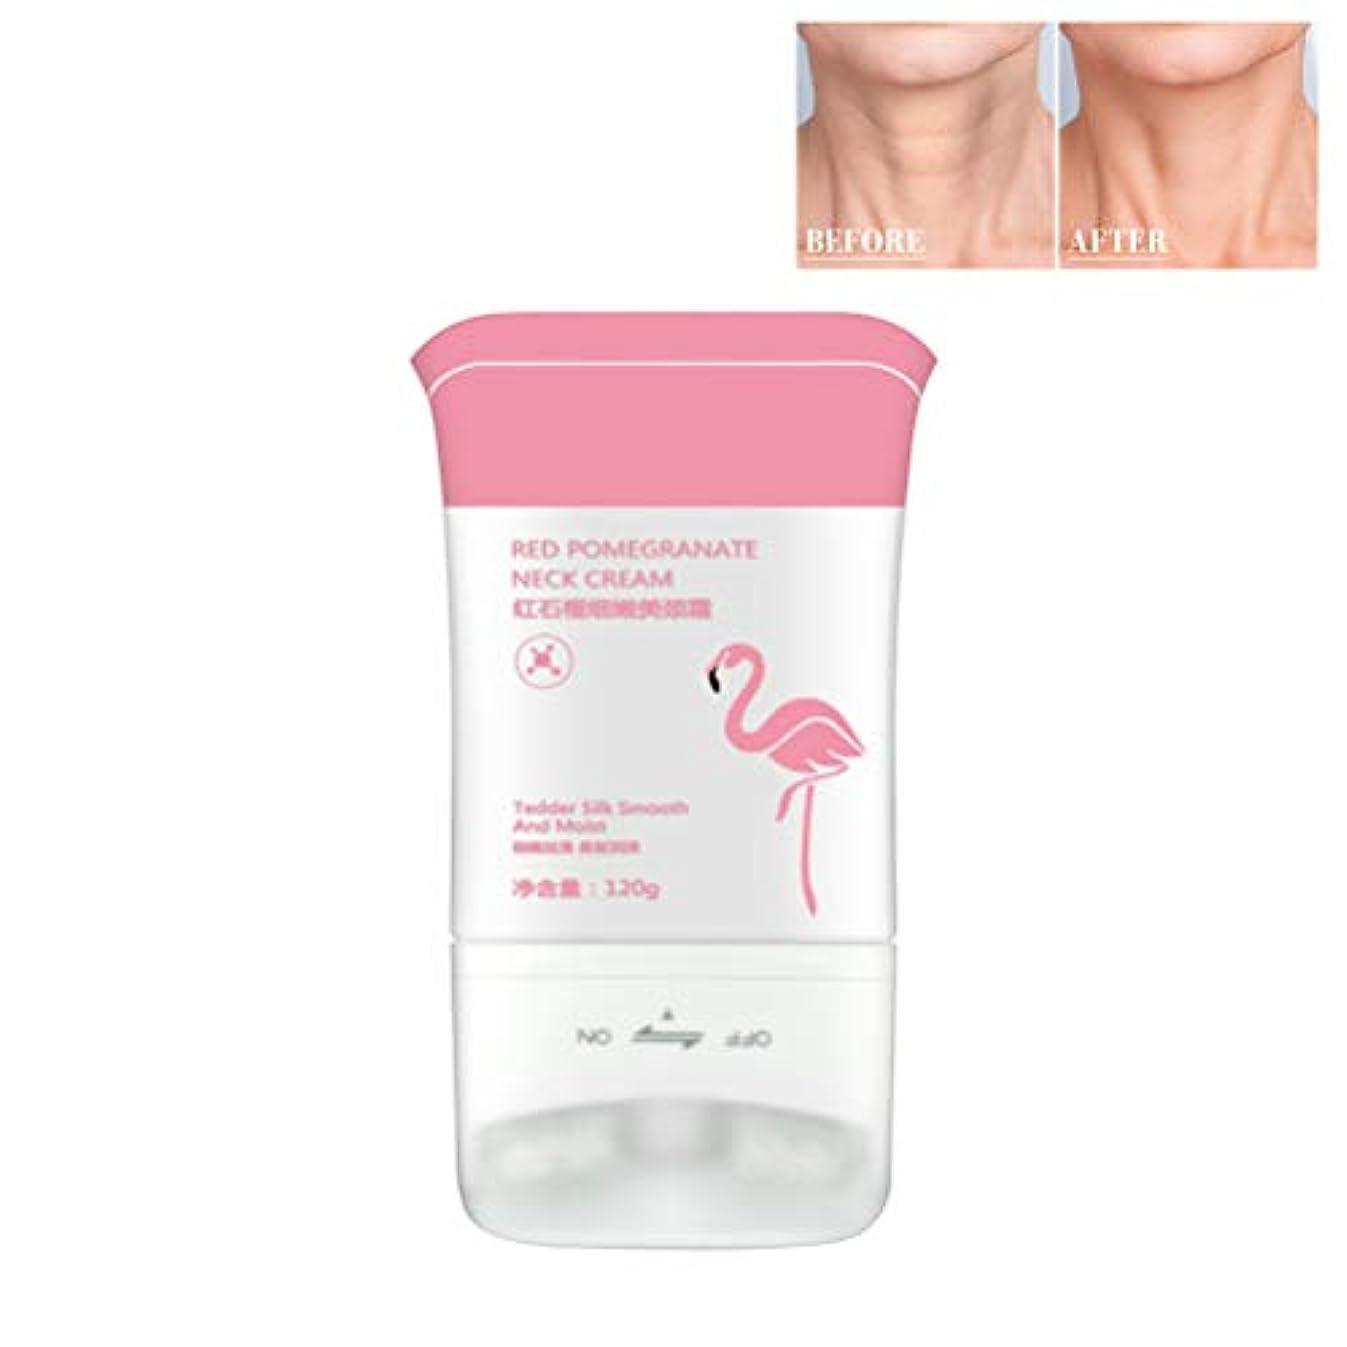 納得させる合意納得させるCreacom ネッククリーム ローラークリーム しわを取り除く 補水 保湿 首紋を解消する ネックマスク スキンケア 美白 美肌 美容 保湿 栄養 ファーミング シワを防ぐ 男女兼用 120g